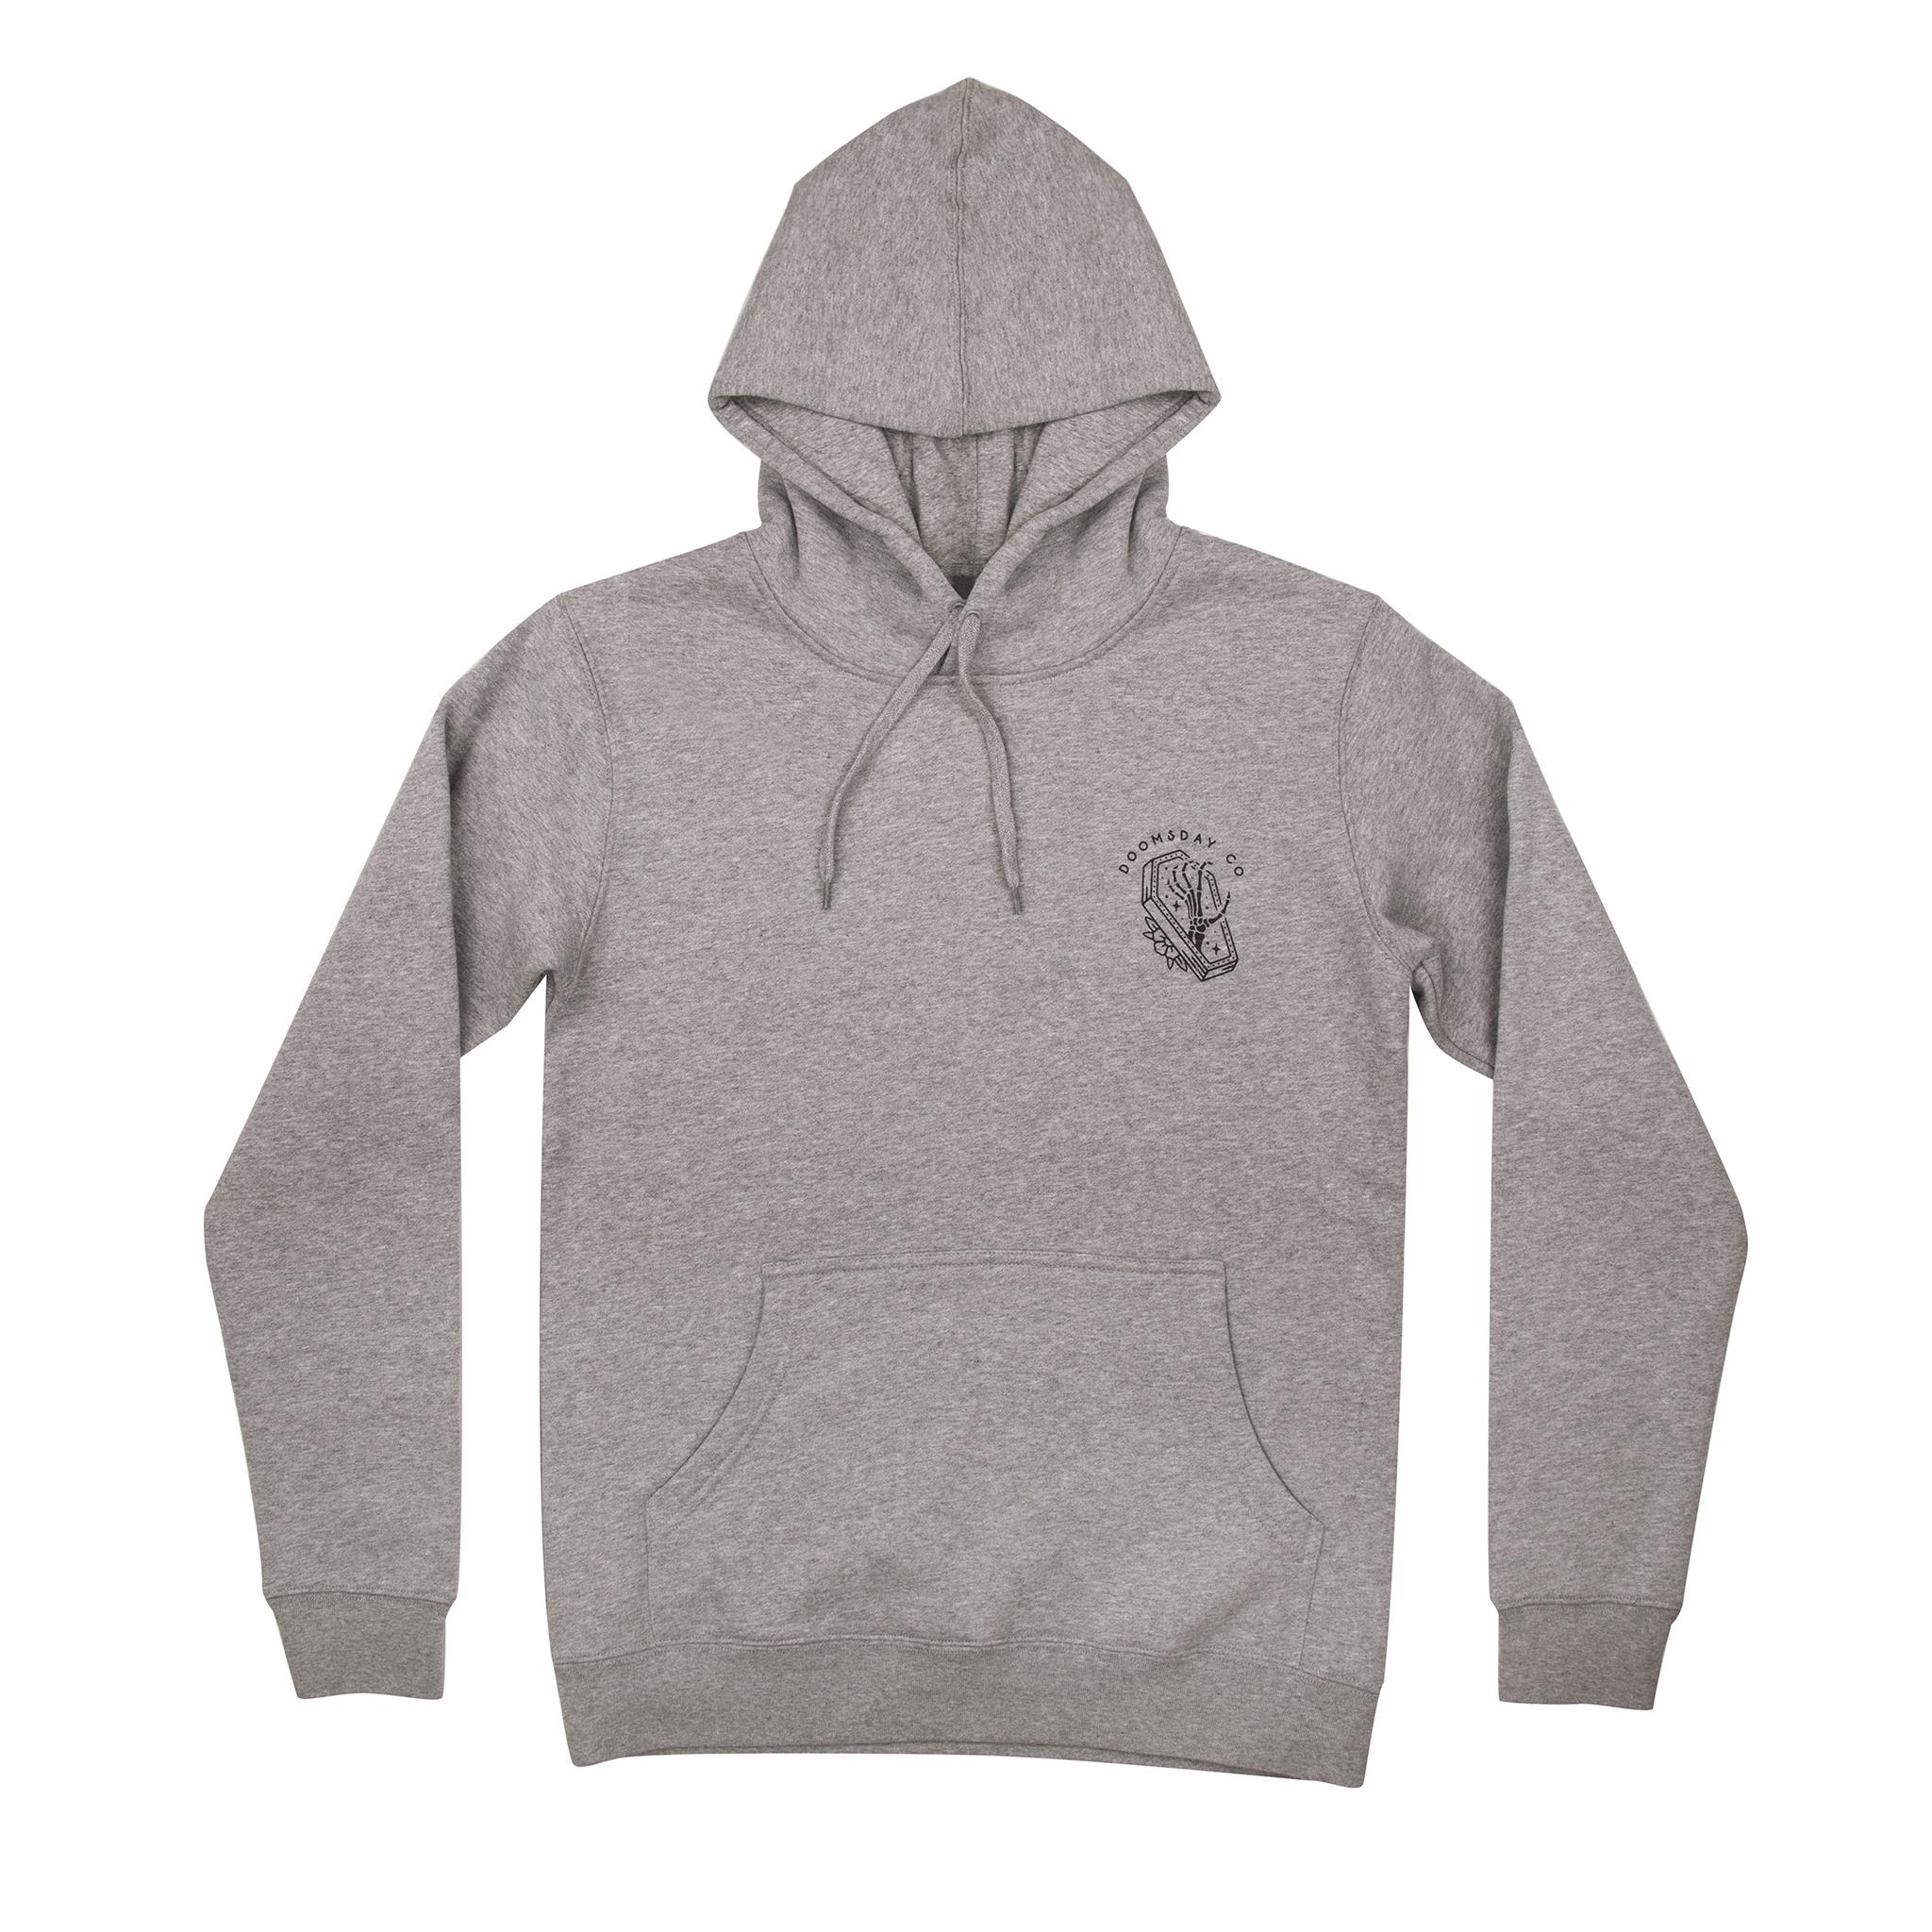 hoodie 2 front.jpg